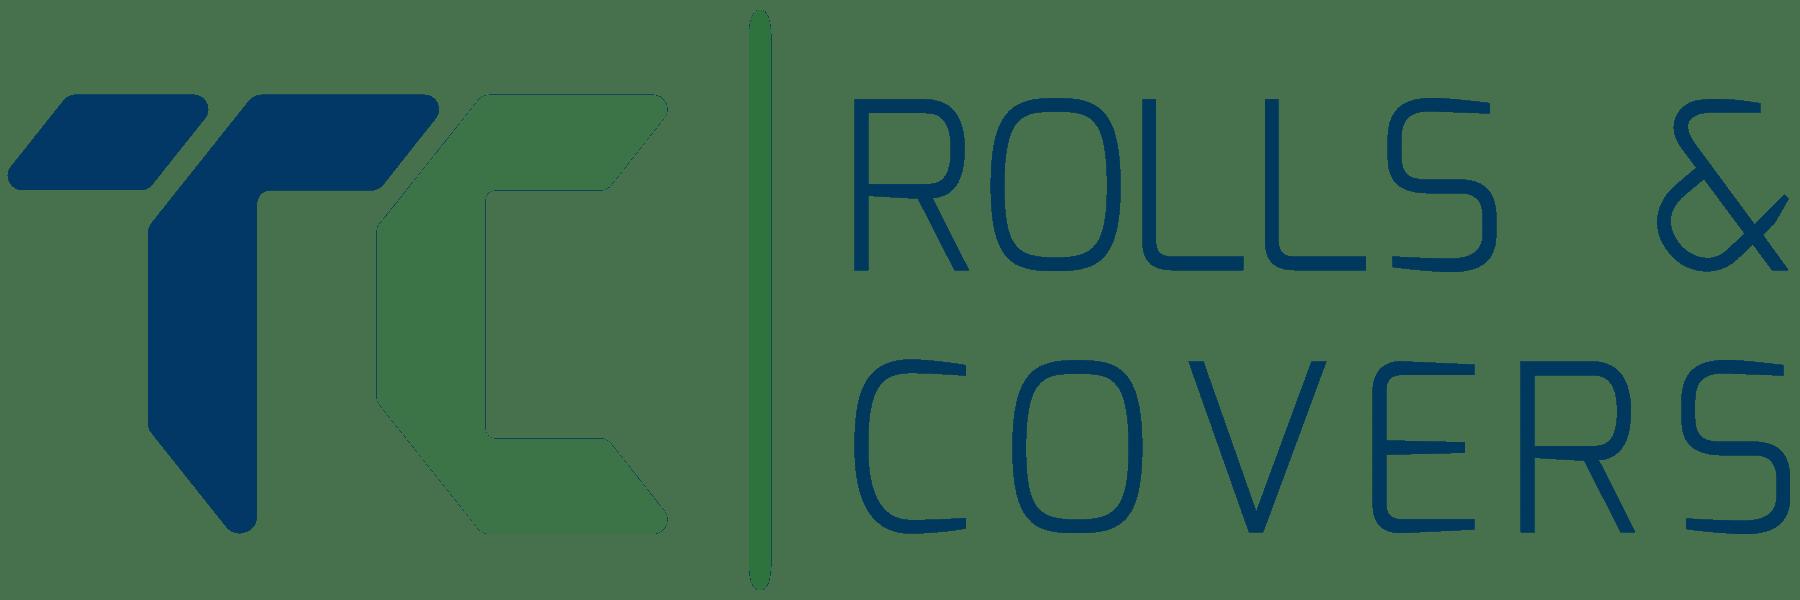 tc rolls and covers recubrimientos de rodillos industriales